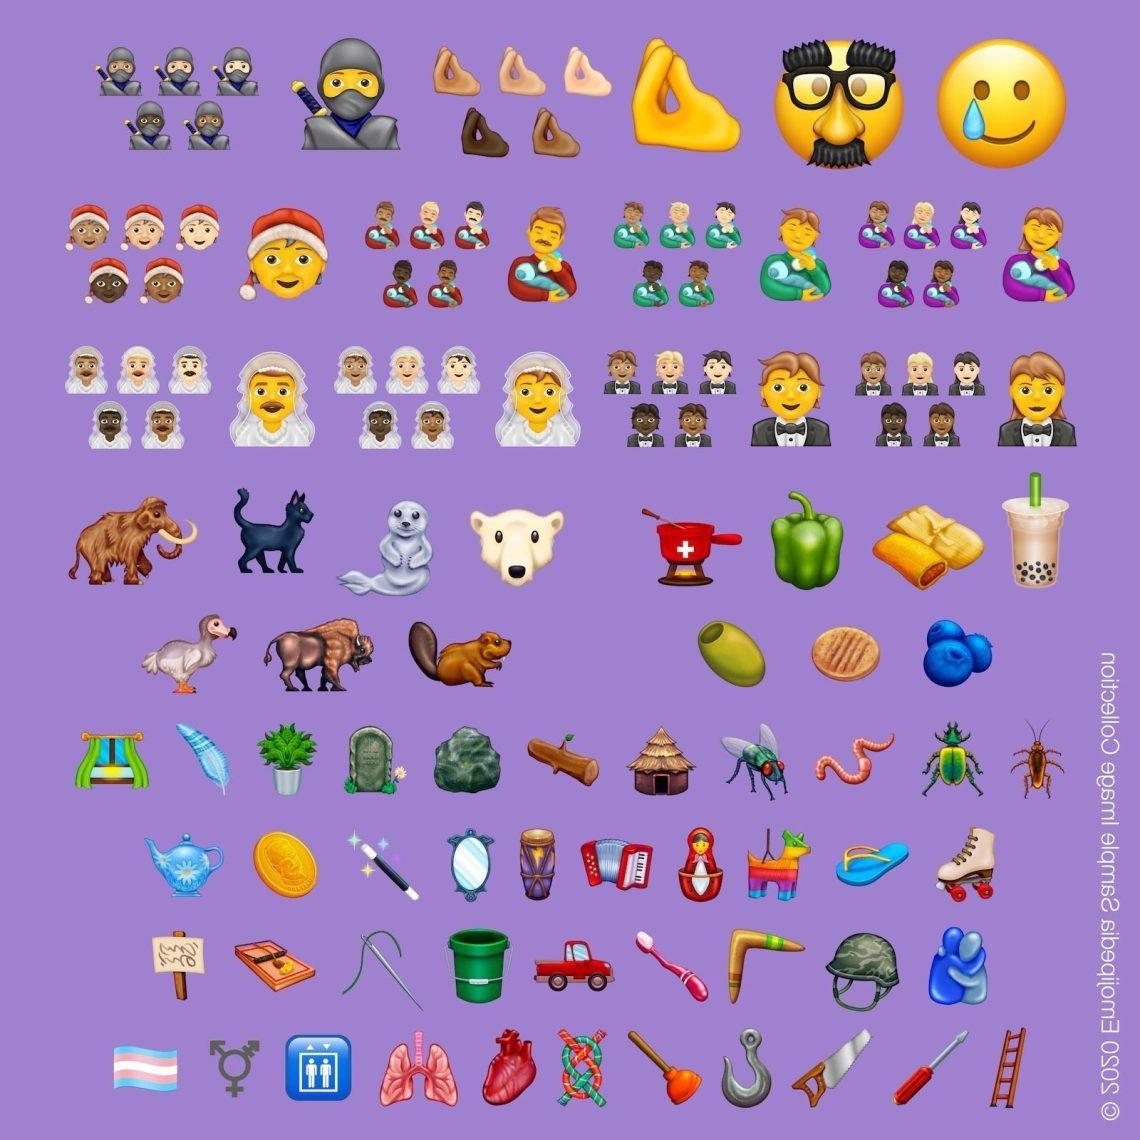 Emoji 2020 1